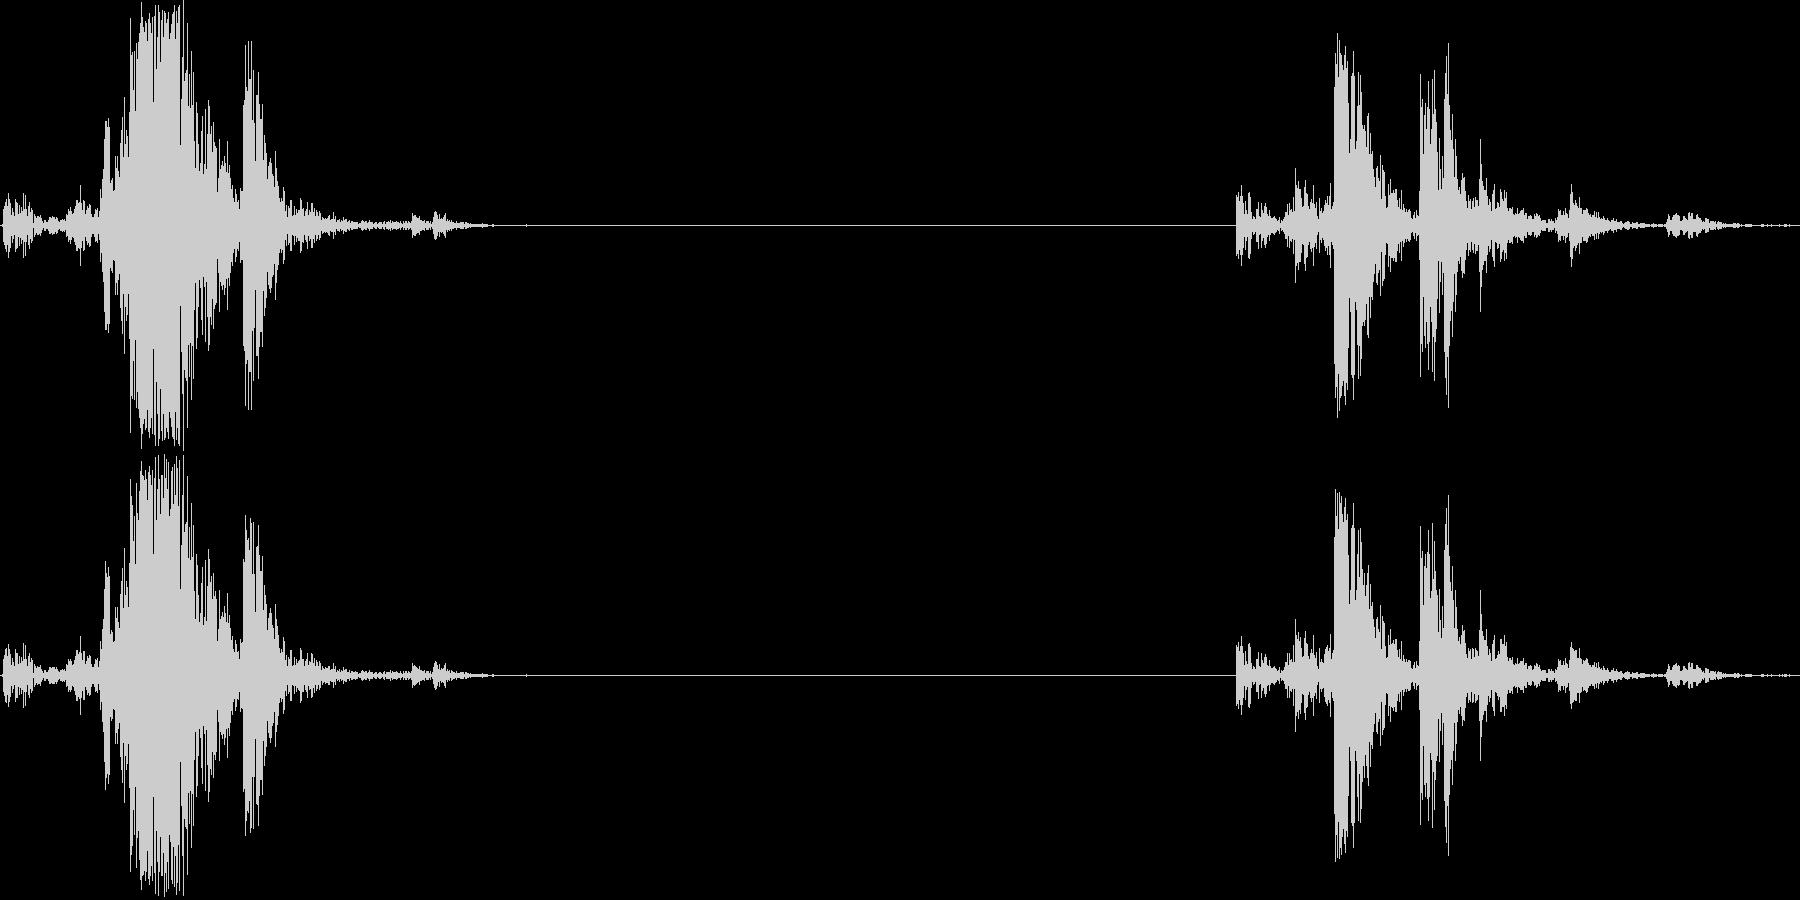 オーディオカセットプレーヤー1;テ...の未再生の波形